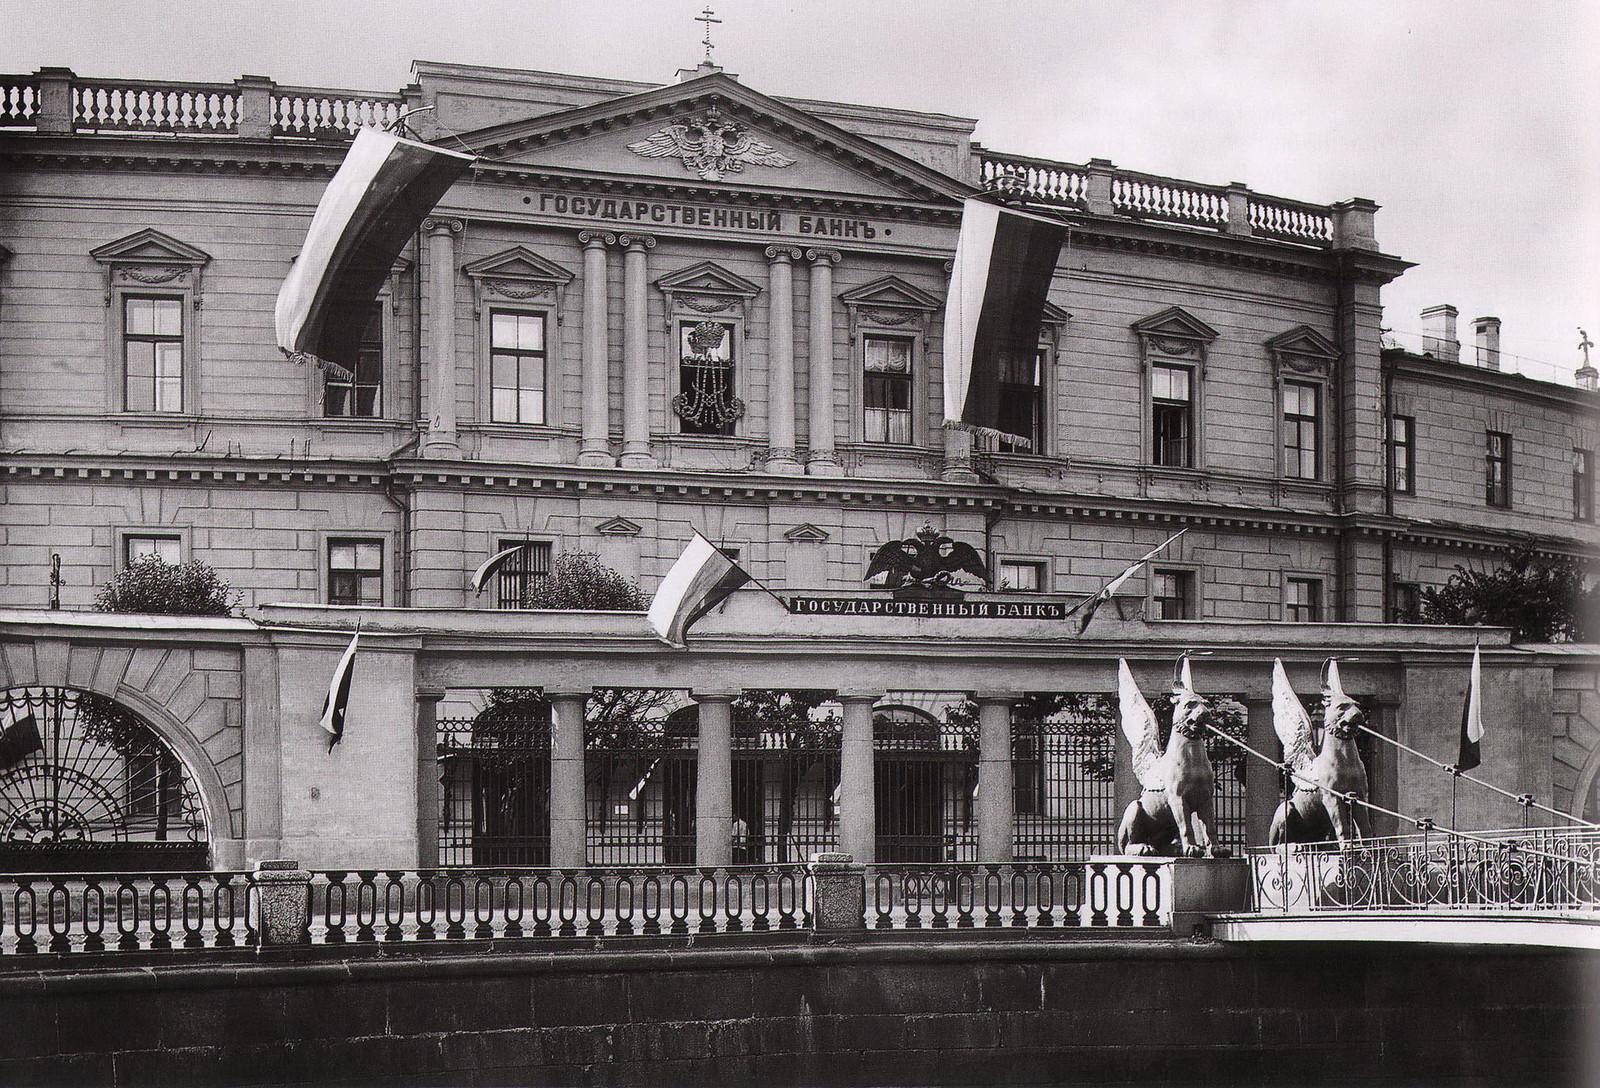 1900. Государственный банк